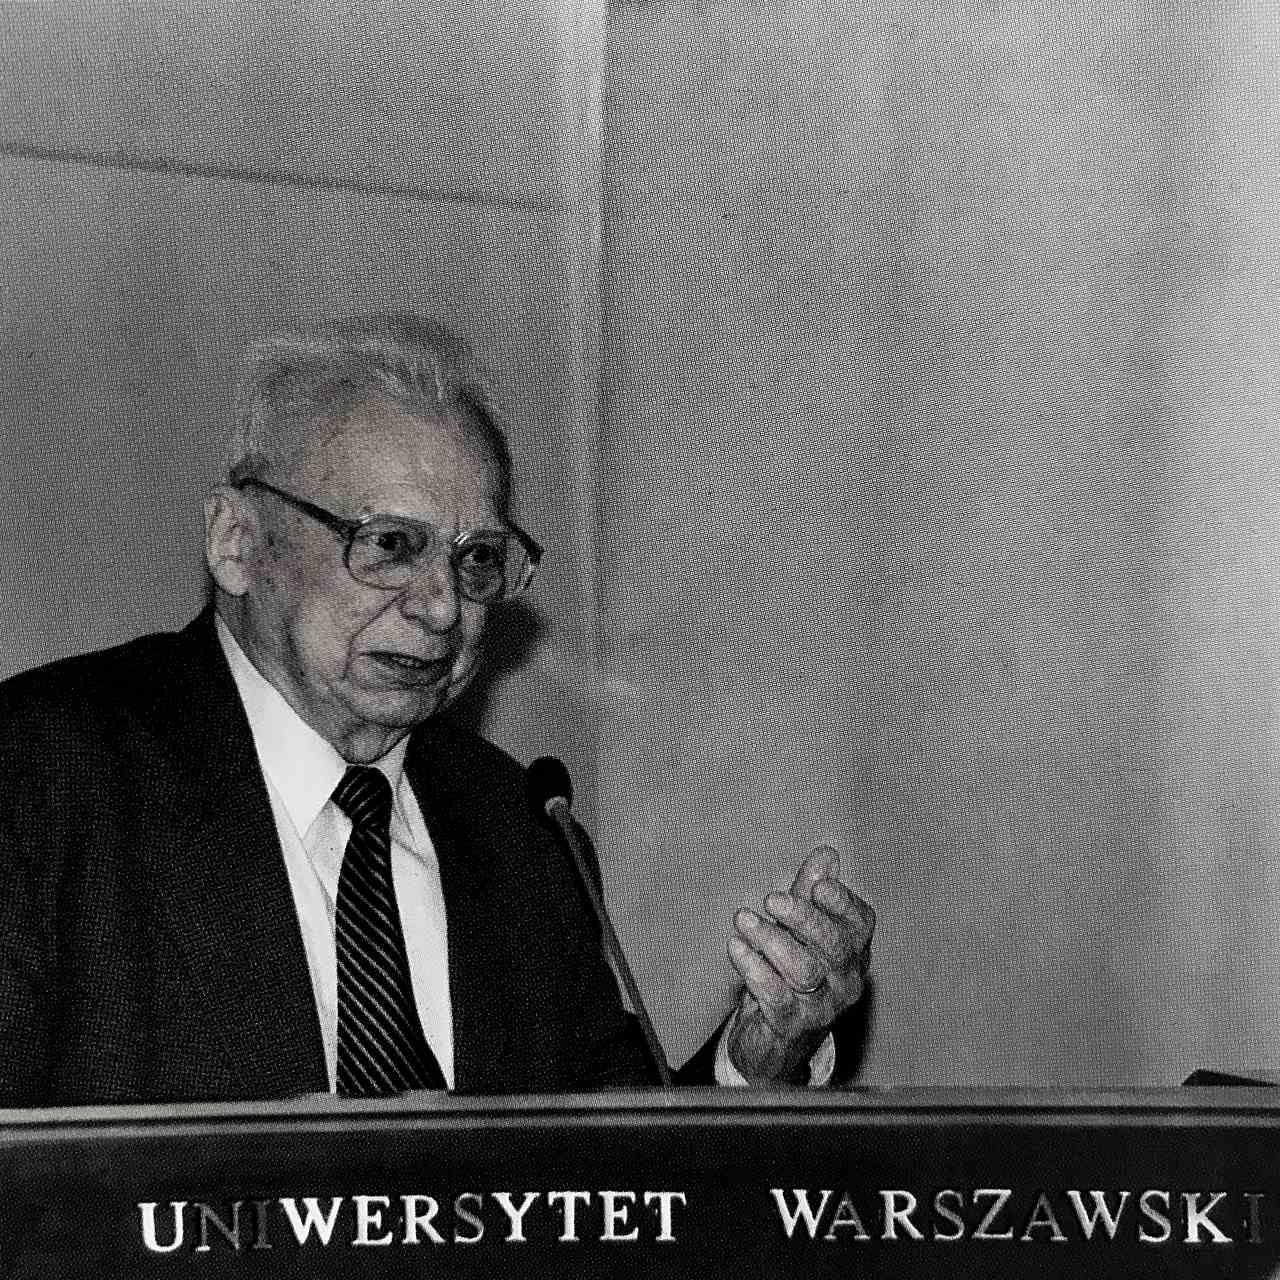 Antoni Rajkiewicz